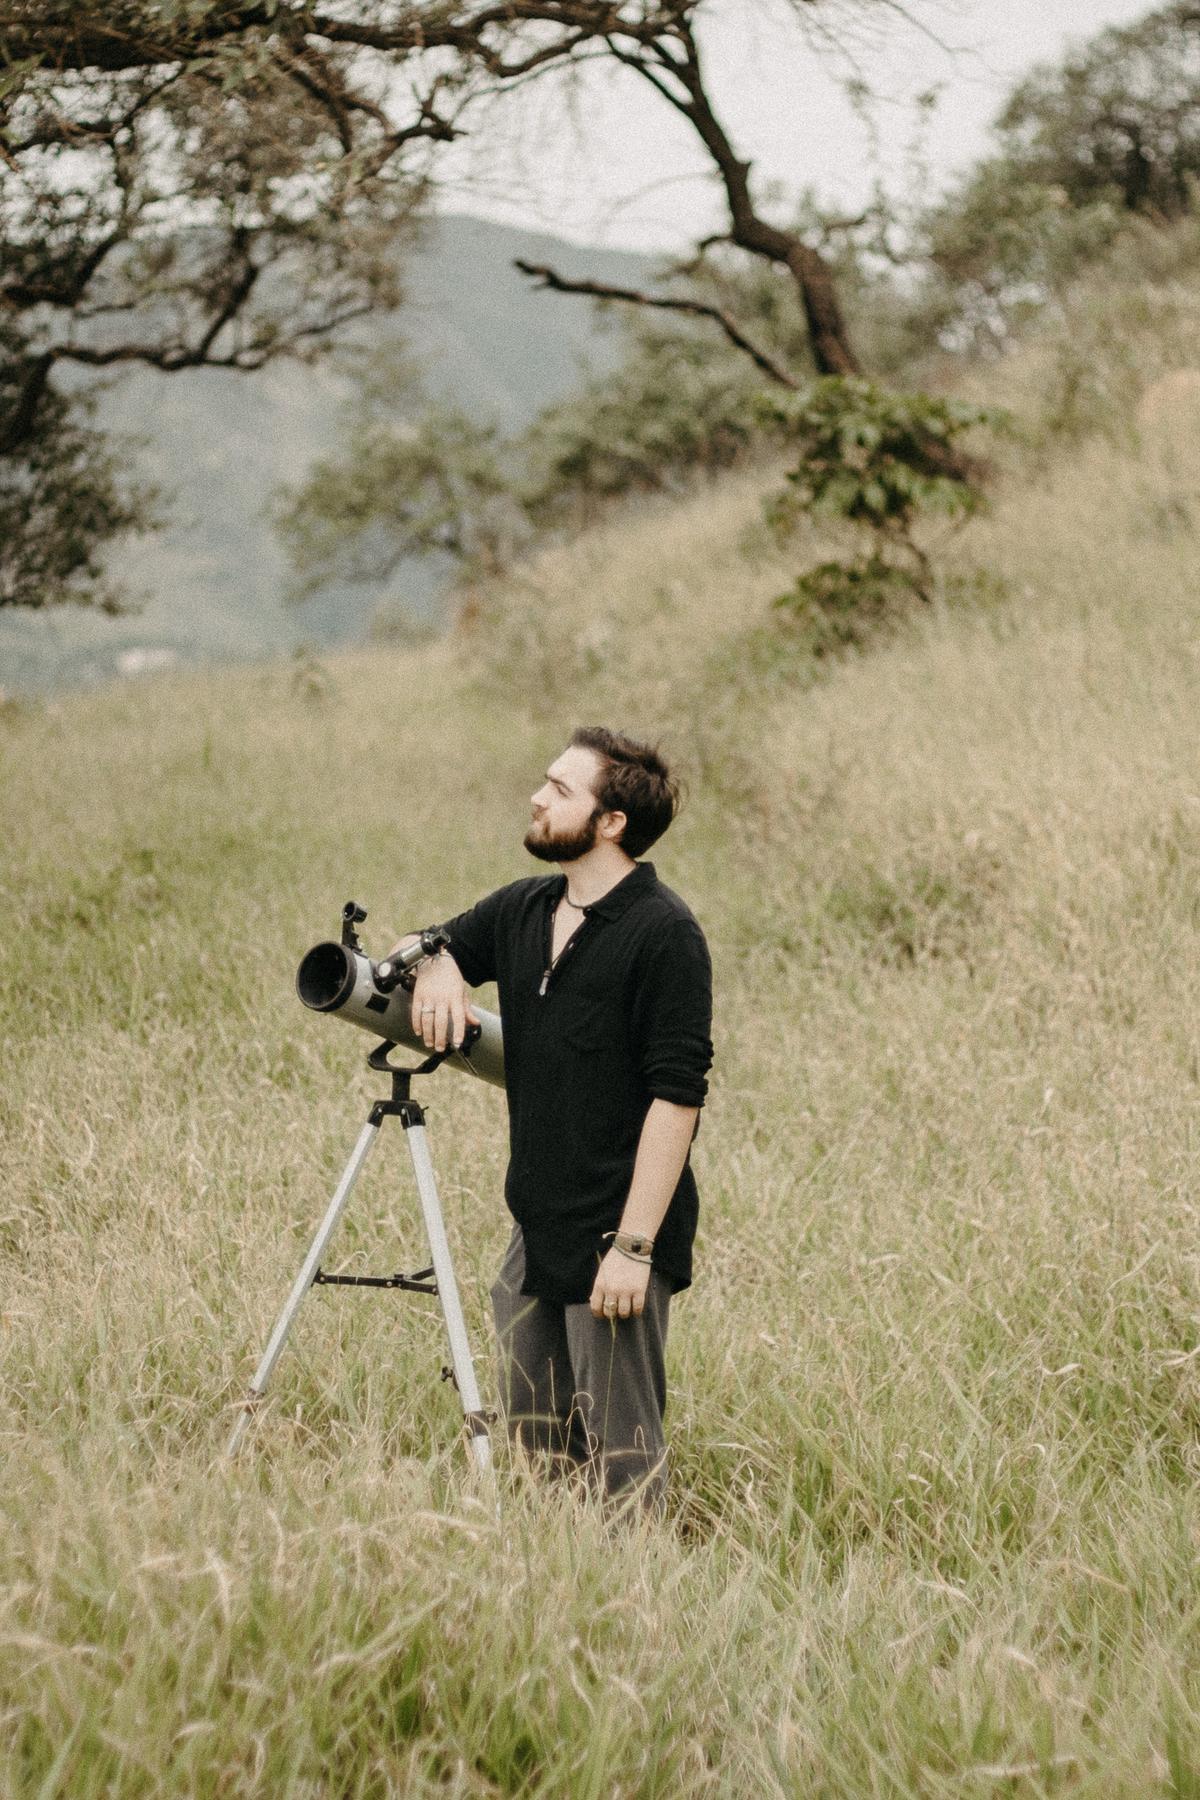 noivo fotografo ideias para ensaios fotografia por caio henrique fotografo de casamento  morro do capuava elopment fotografia autoral